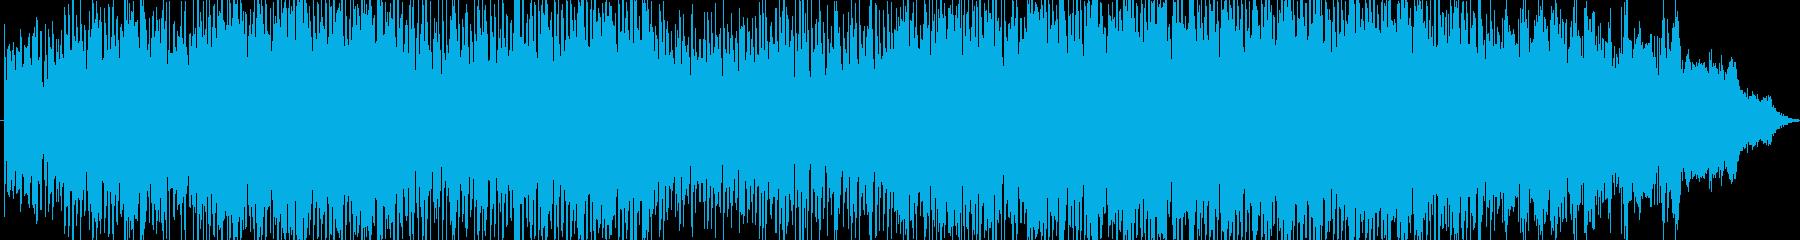 力強く、エネルギッシュなエレクトロハウ…の再生済みの波形